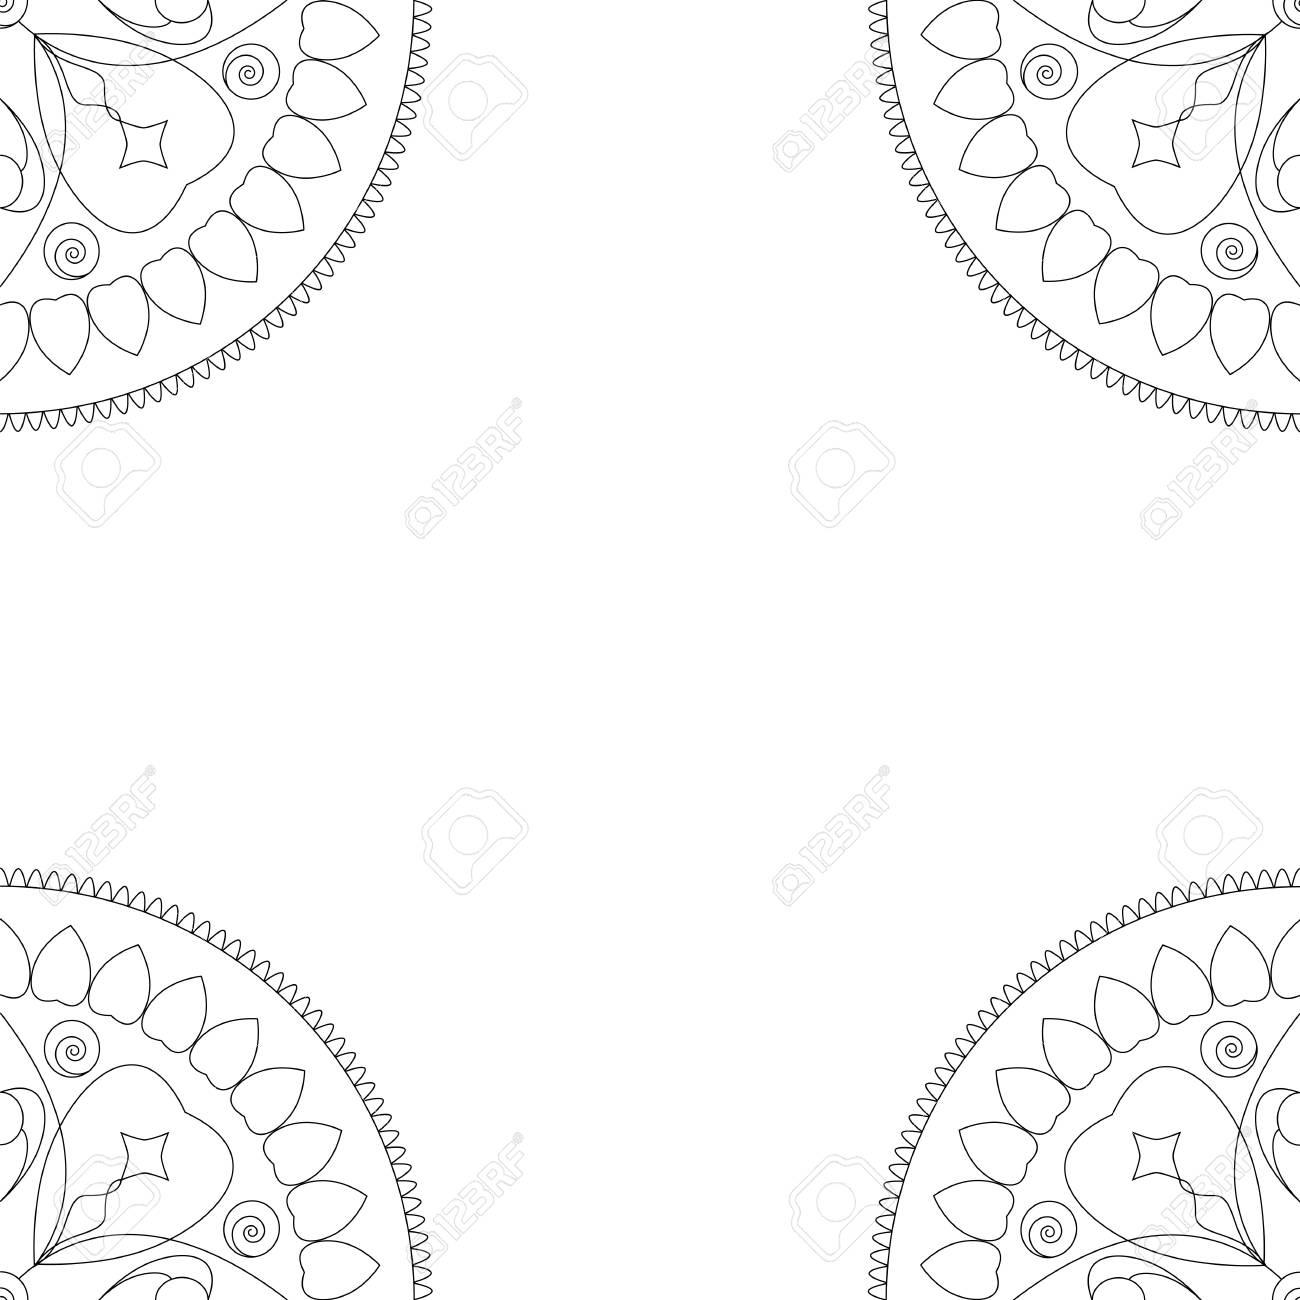 Capa Do Livro Para Colorir Ou Ilustracao Quadrada Do Fundo Com